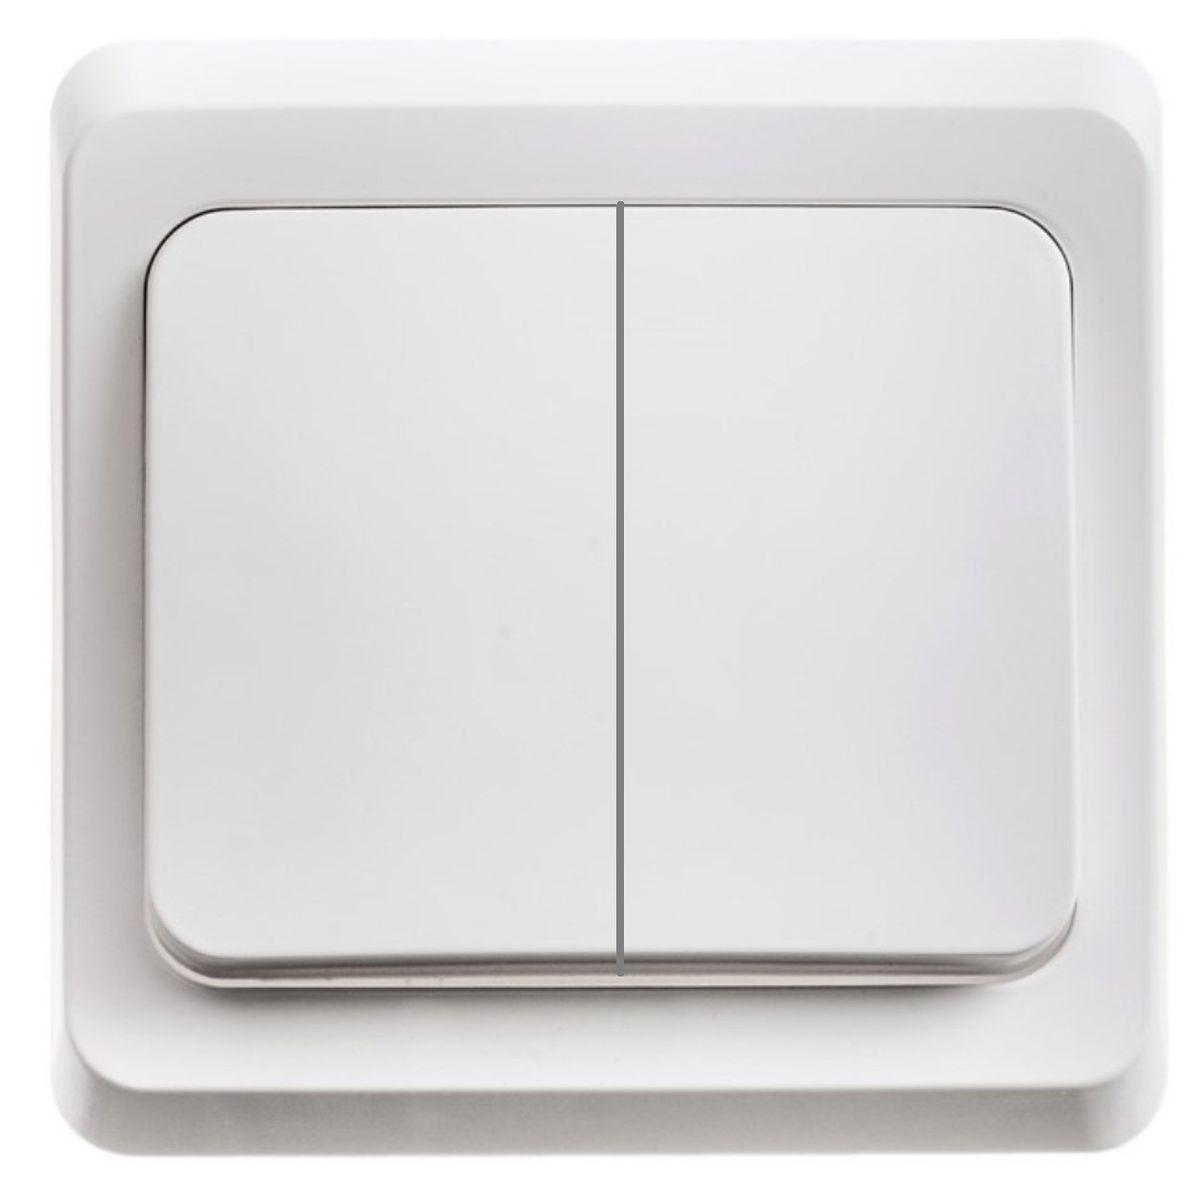 """Выключатель Schneider Electric """"Этюд"""", двойной, с подсветкой, цвет: белый. BC10-006 BC10-006B"""